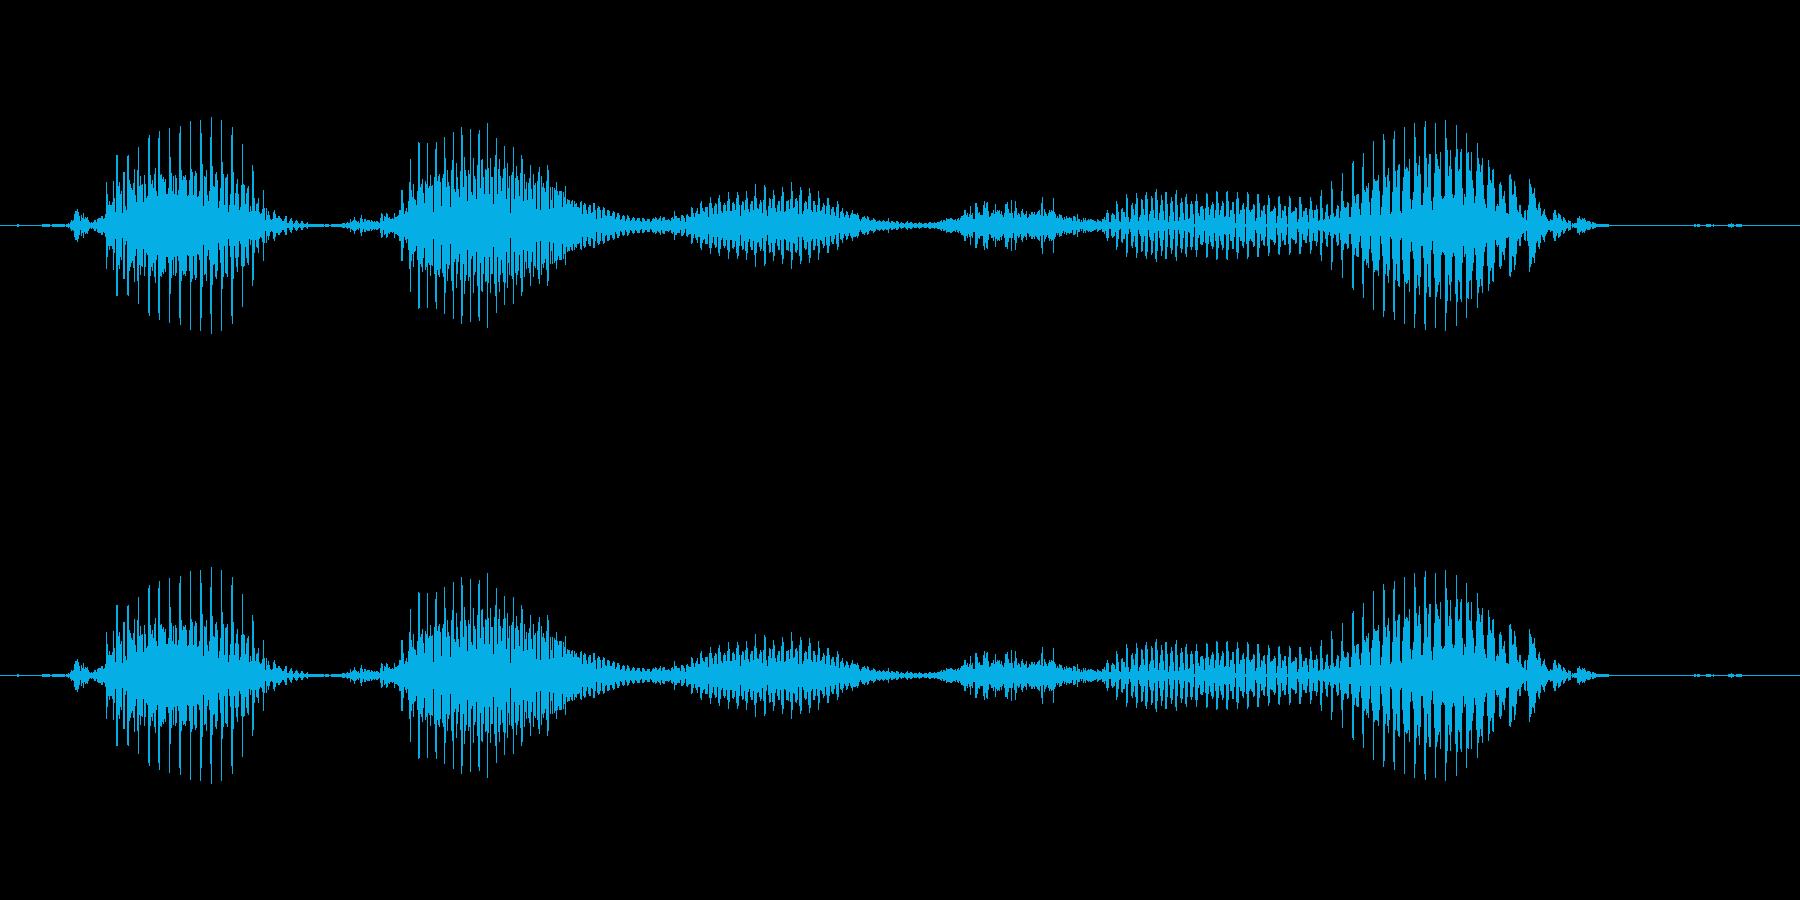 【日数・後】5ヶ月後の再生済みの波形